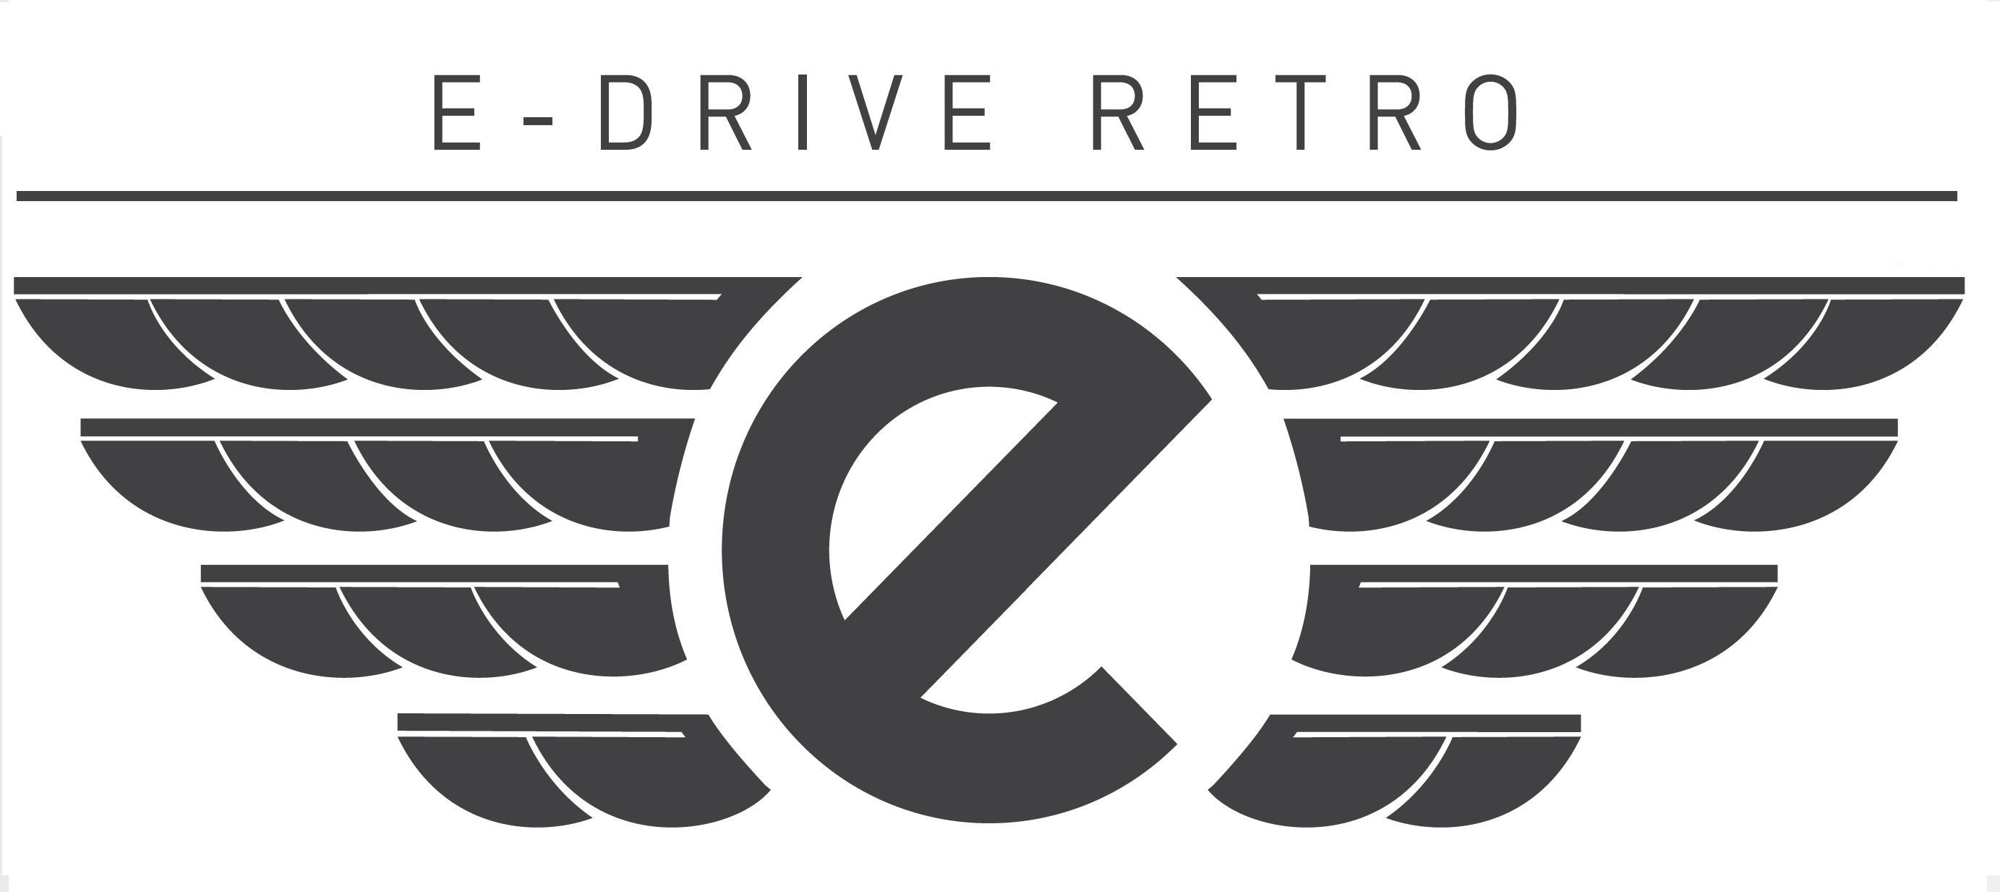 E-Drive Retro